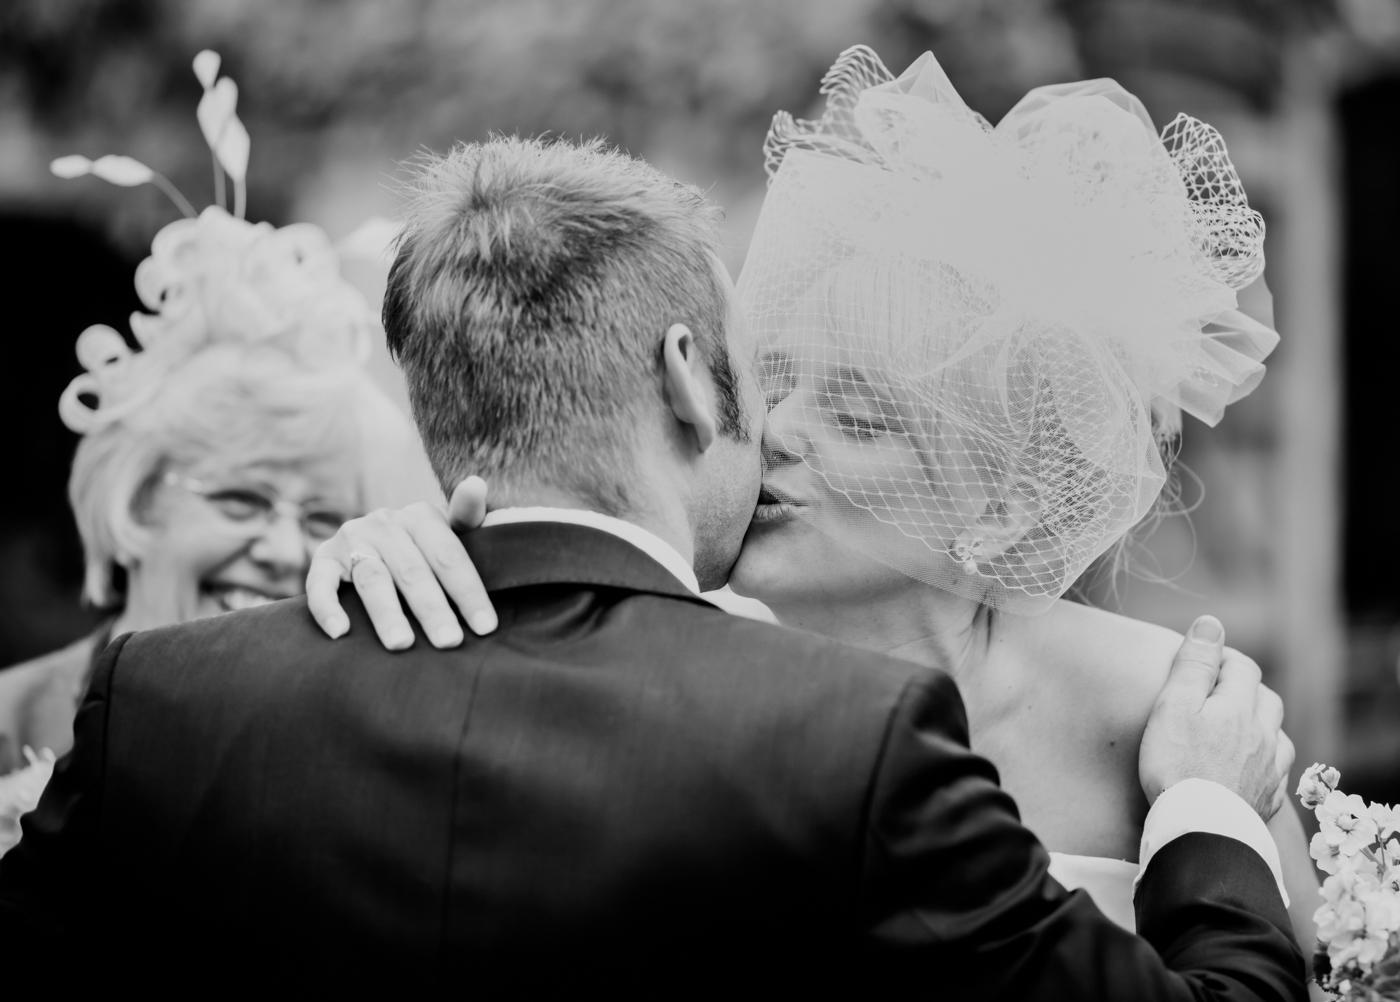 057 Keedy and Carl at The Secret Garden in Retford  - Wedding Photography by Mark Pugh www.markpugh.com_.jpg